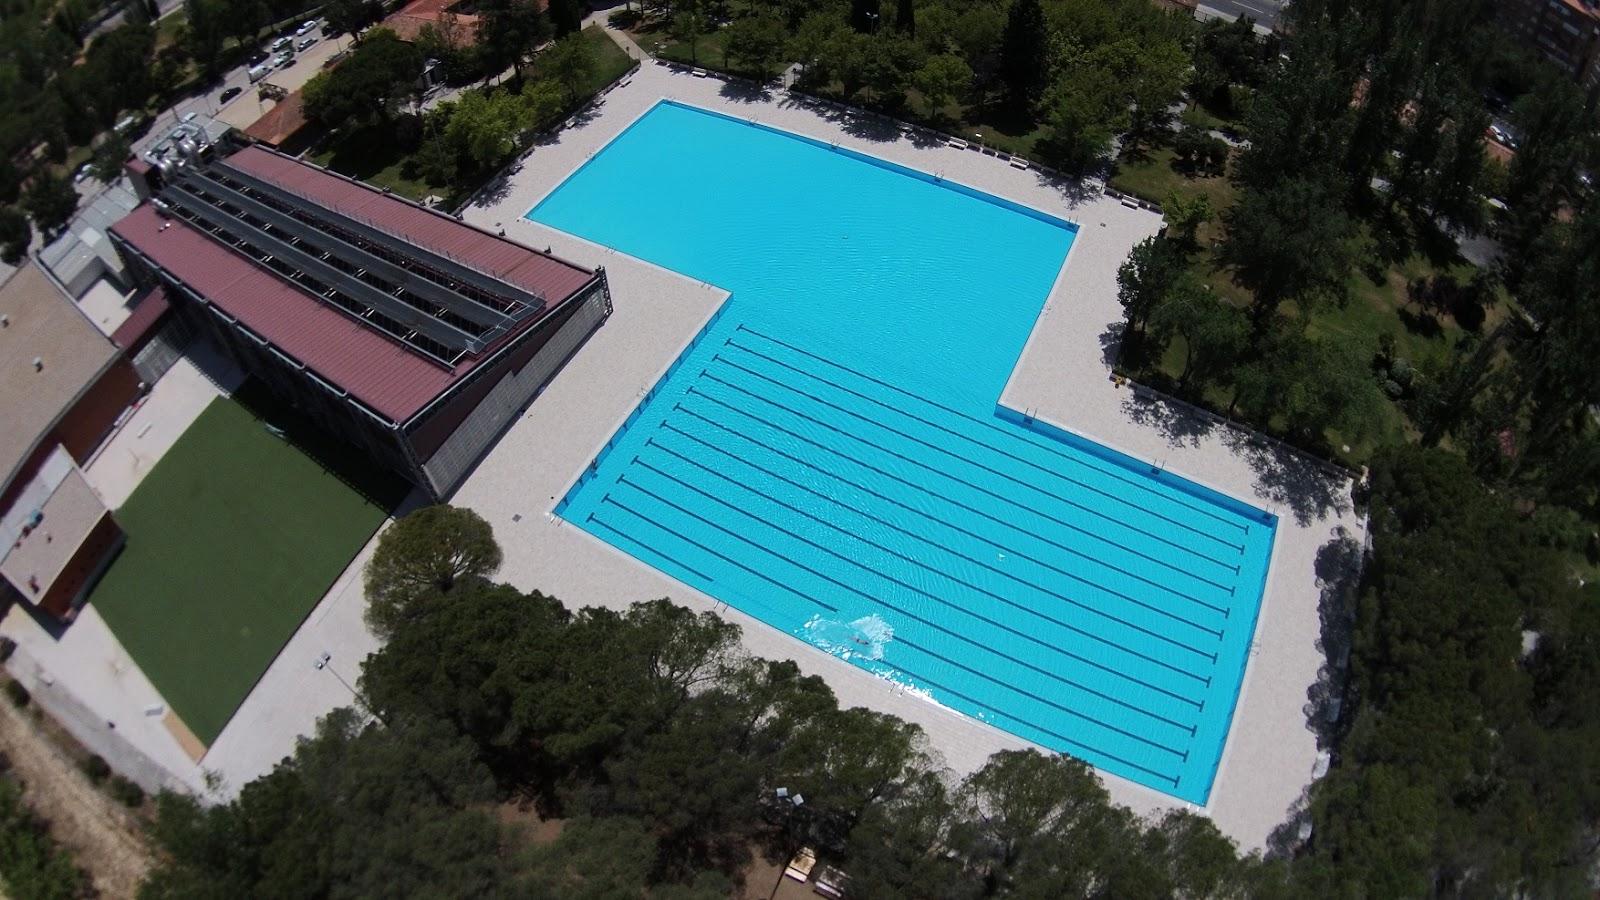 Lleg el ansiado chapuz n en la piscina de aluche gu a for Piscina municipal aluche